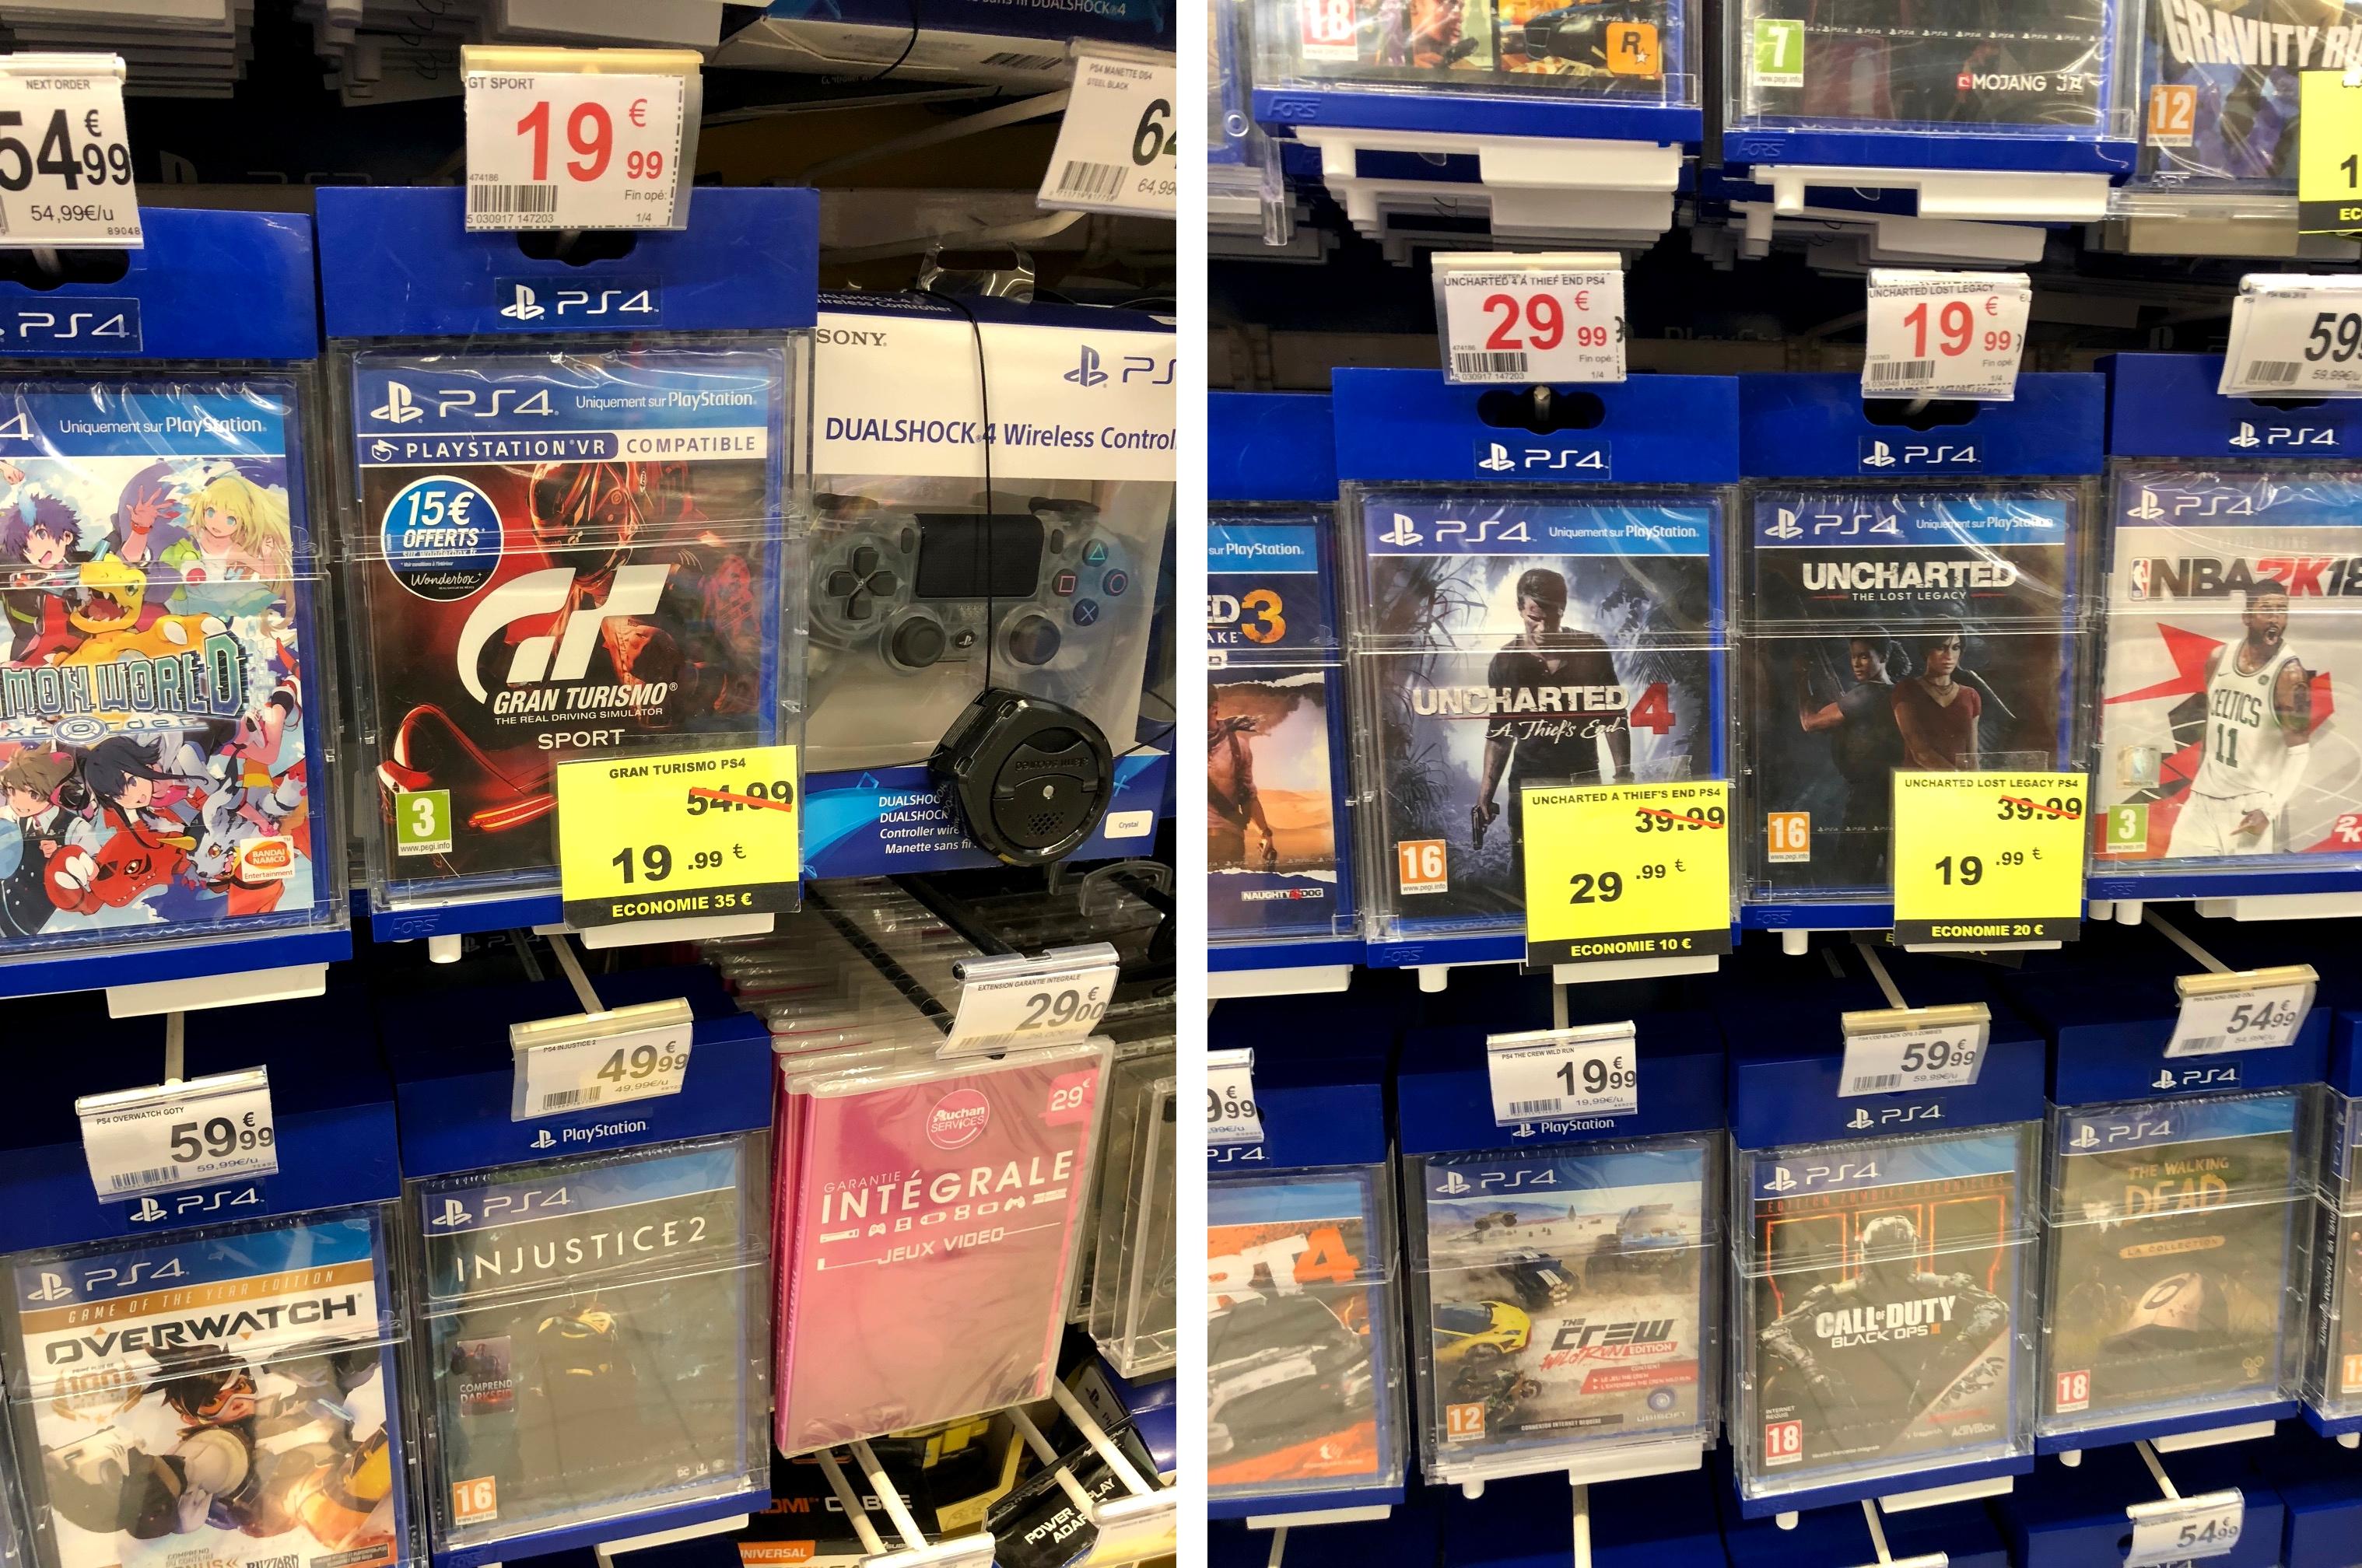 Sélection de jeux en promotion - Ex: Gran Turismo Sport et Uncharted The Lost Legacy à 19,99€ sur PS4 - Auchan Epagny (74)